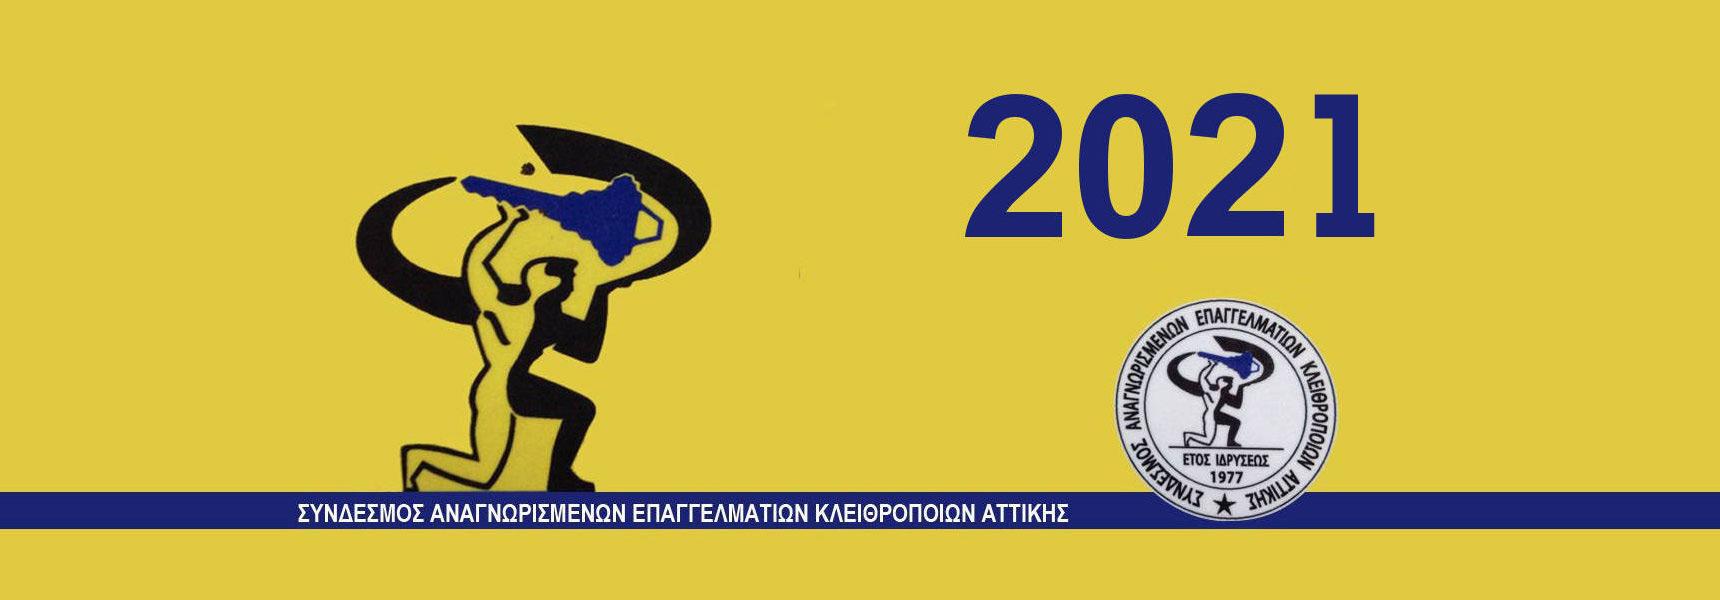 ΣΑΕΚΑ CM SAFE 2021